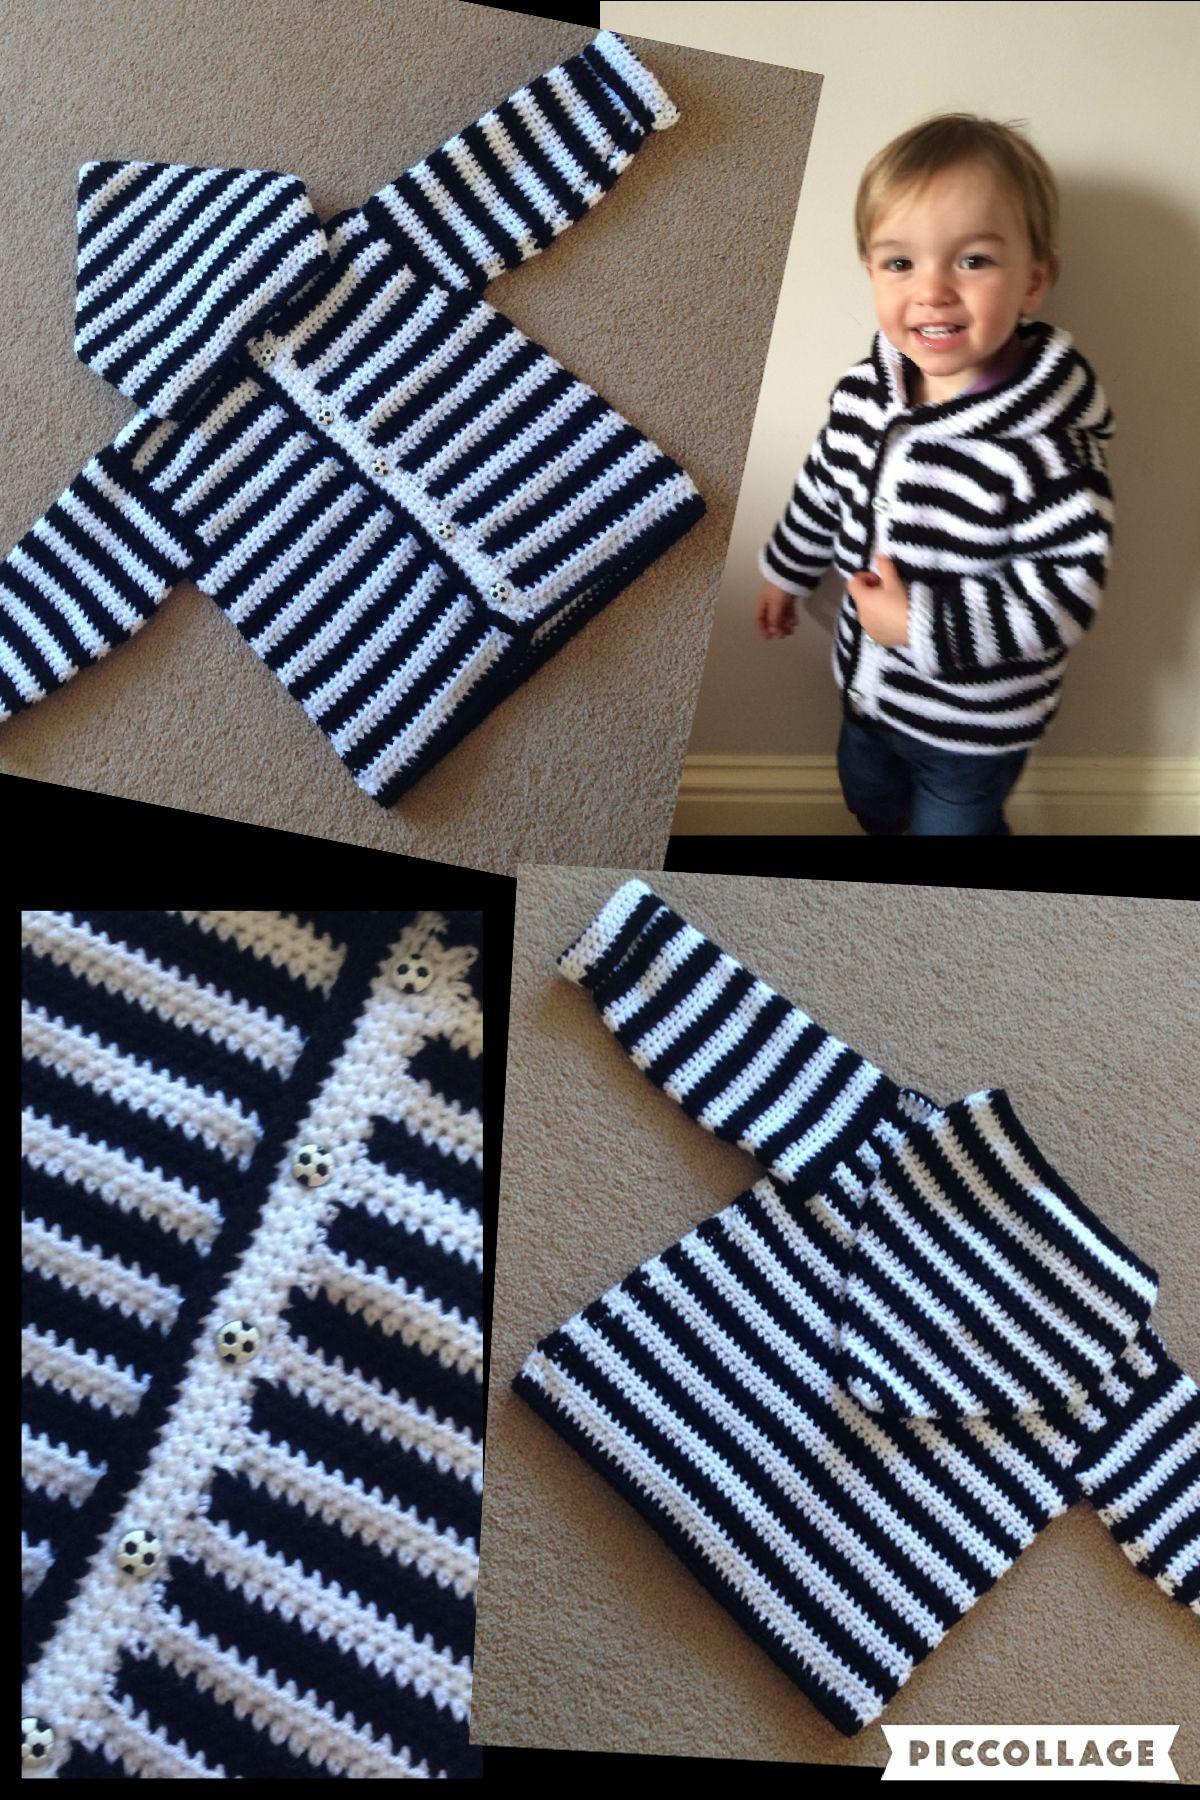 9bcd3a21f Boys crochet hoody free pattern. ⚽ … | Knit and crochet | Croch…